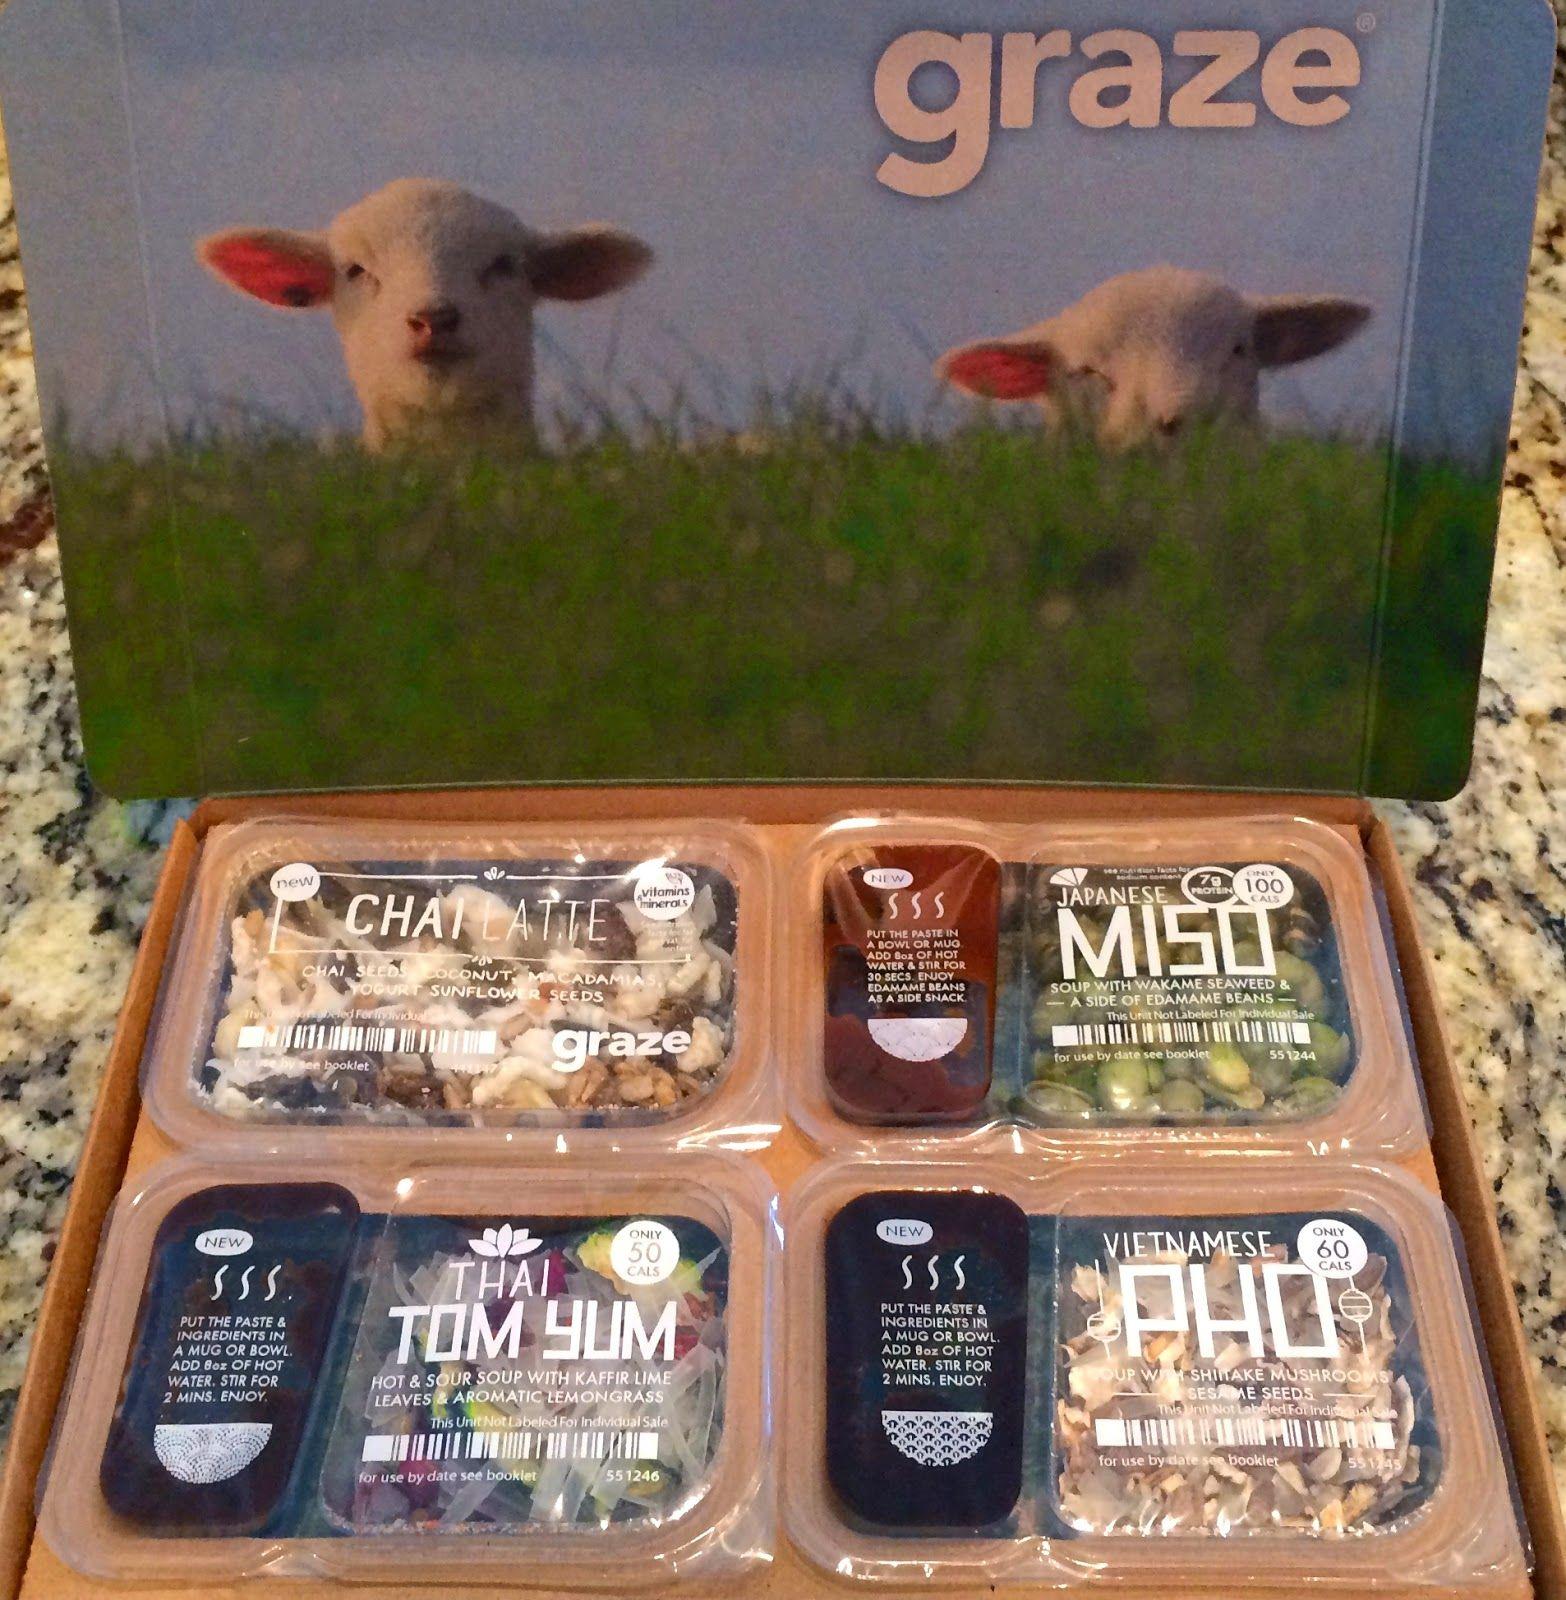 Blue apron qvc - Blue Apron Hello Fresh Giveaways Free Graze Box Giveaway